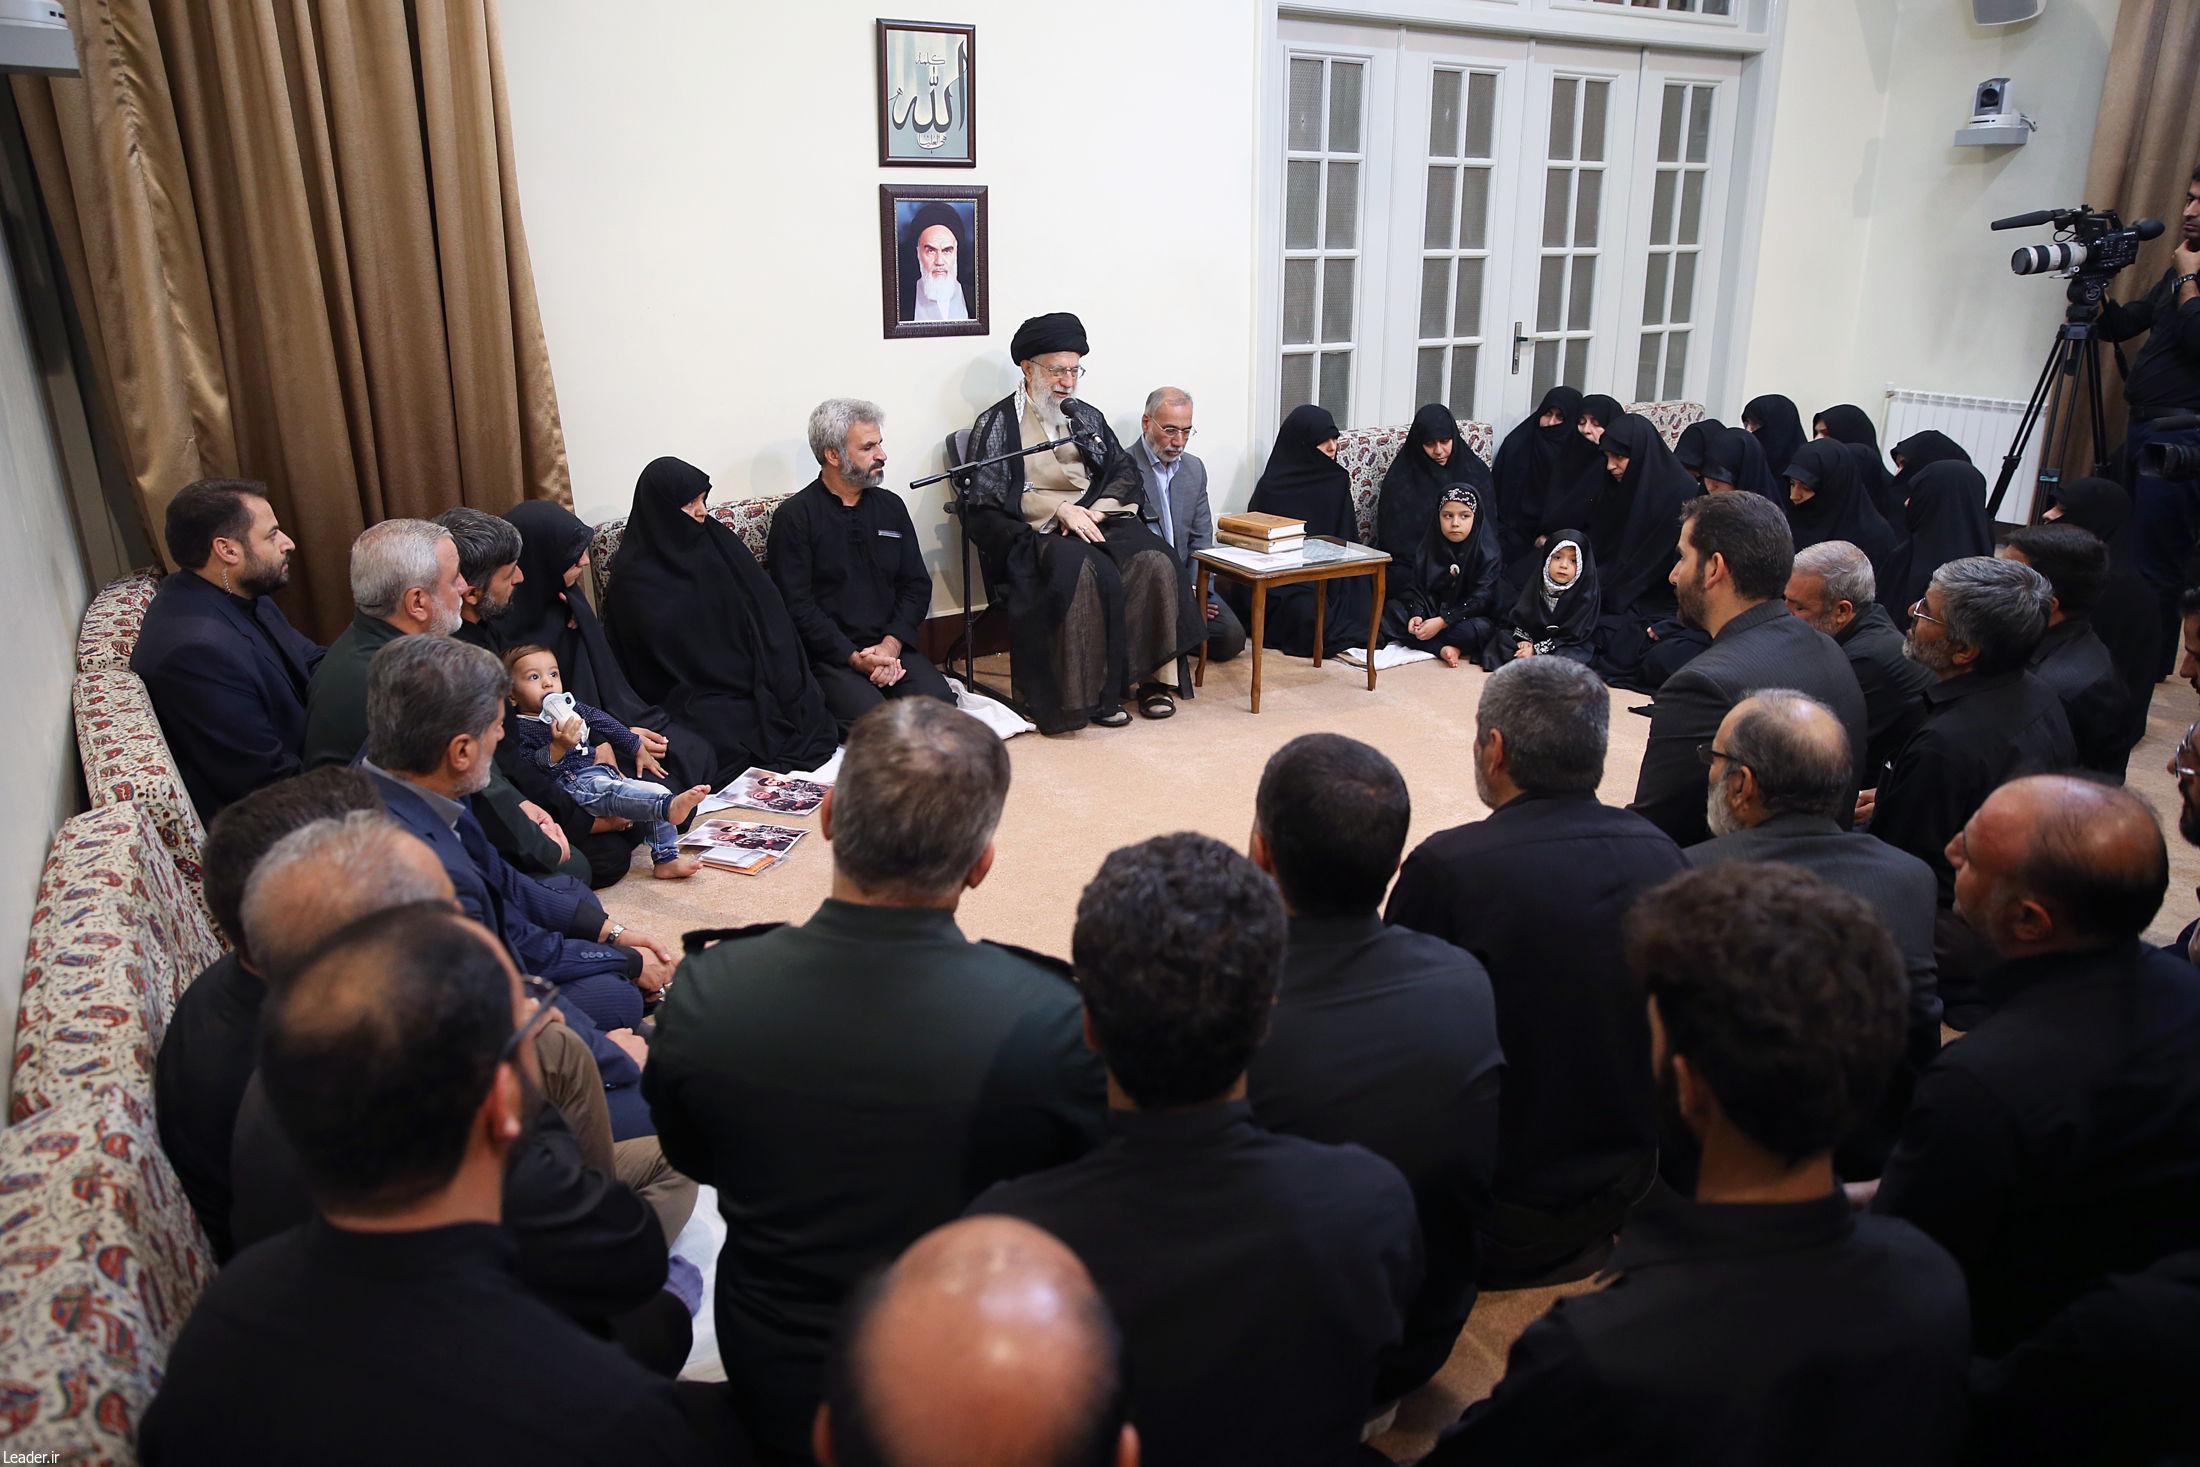 6848787 548 - از دیدار خانواده شهید حججی با رهبر انقلاب تلا نامه وکیل احمدی نژاد به نمایندگان مجلس